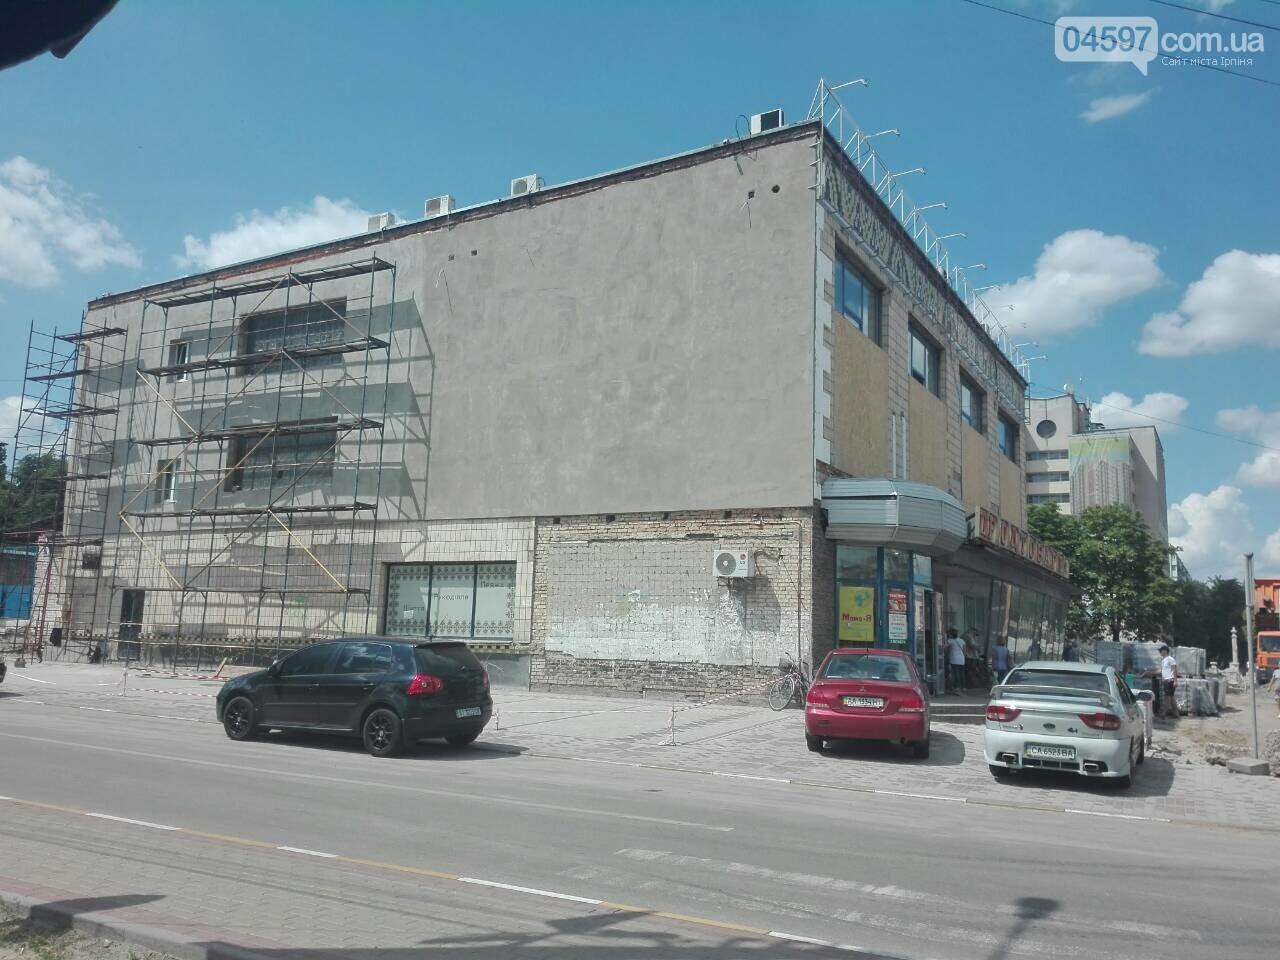 Еко-маркет та Дім доргівлі змінють фасад (Фотозвіт), фото-4